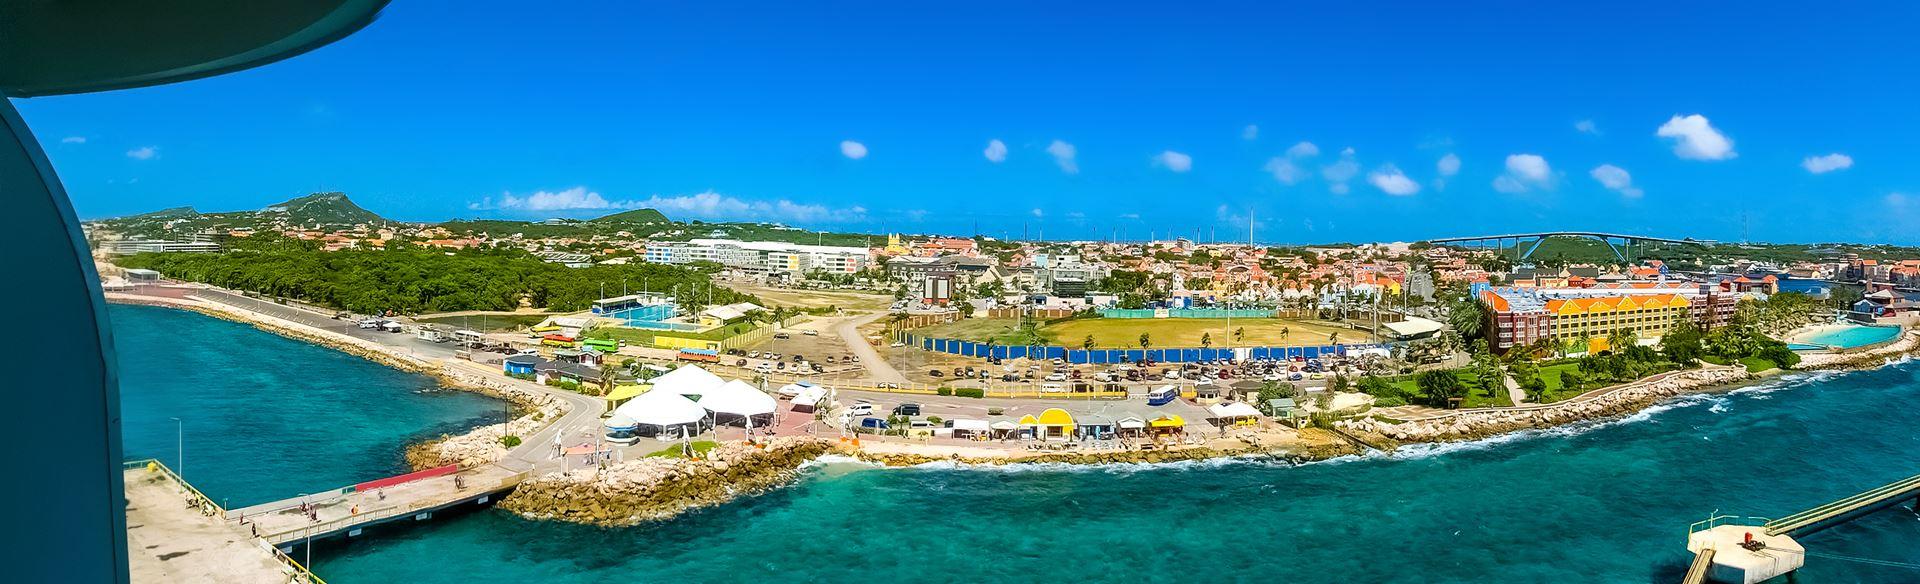 Cruise Curaçao